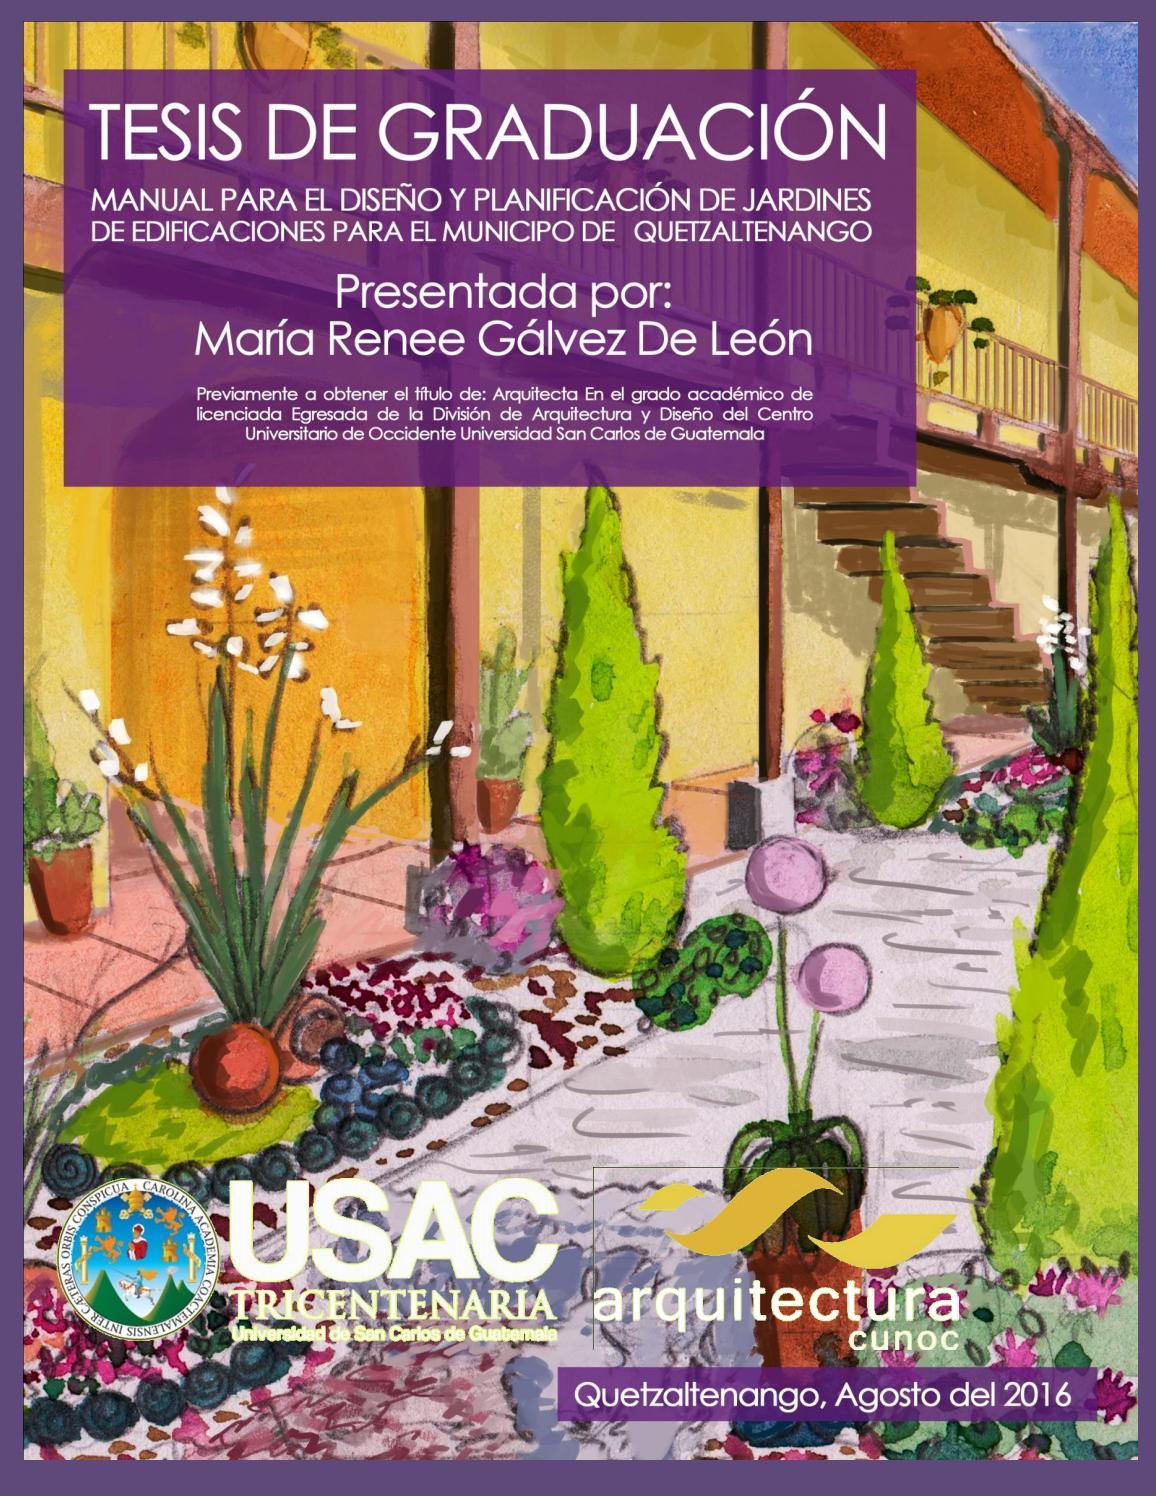 Tesis Manual Para El Dise O Y Planificaciones De Jardines